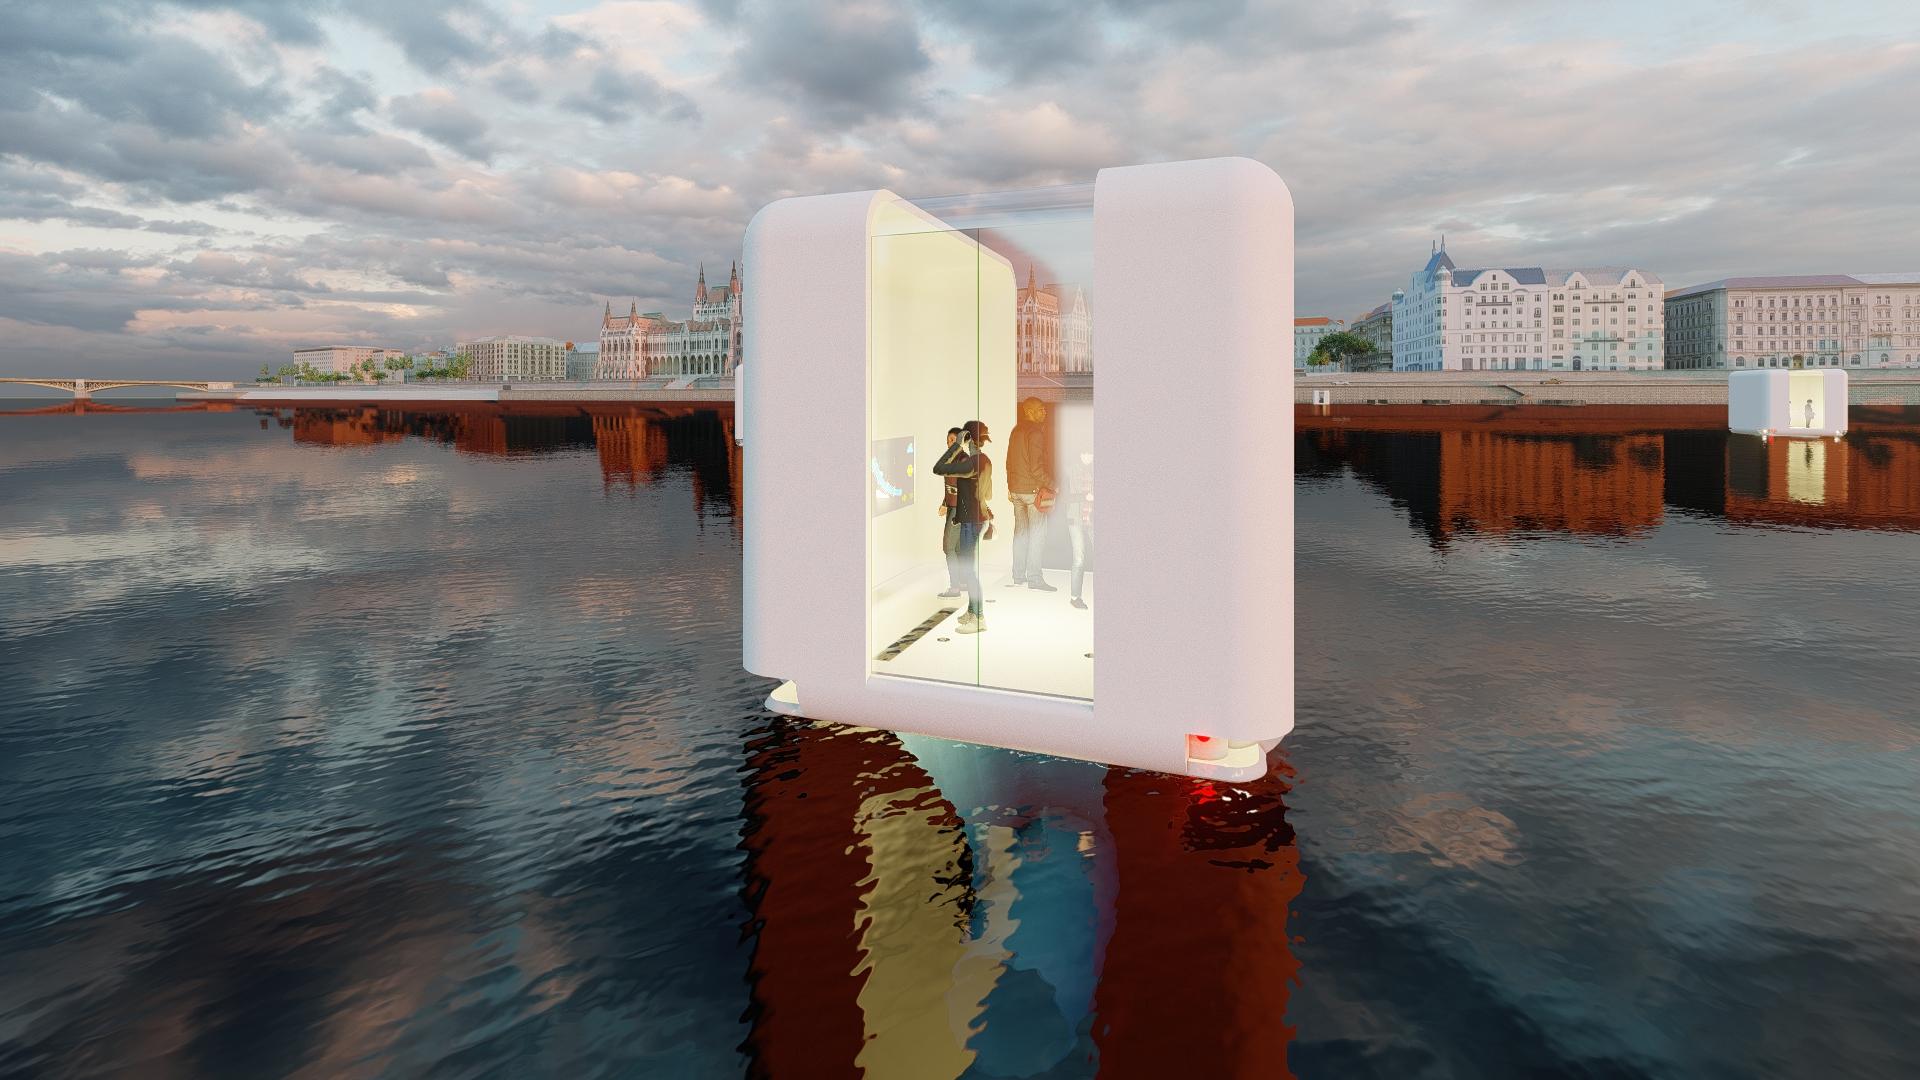 Une startup veut remplacer les ponts par ces ascenseurs flottants